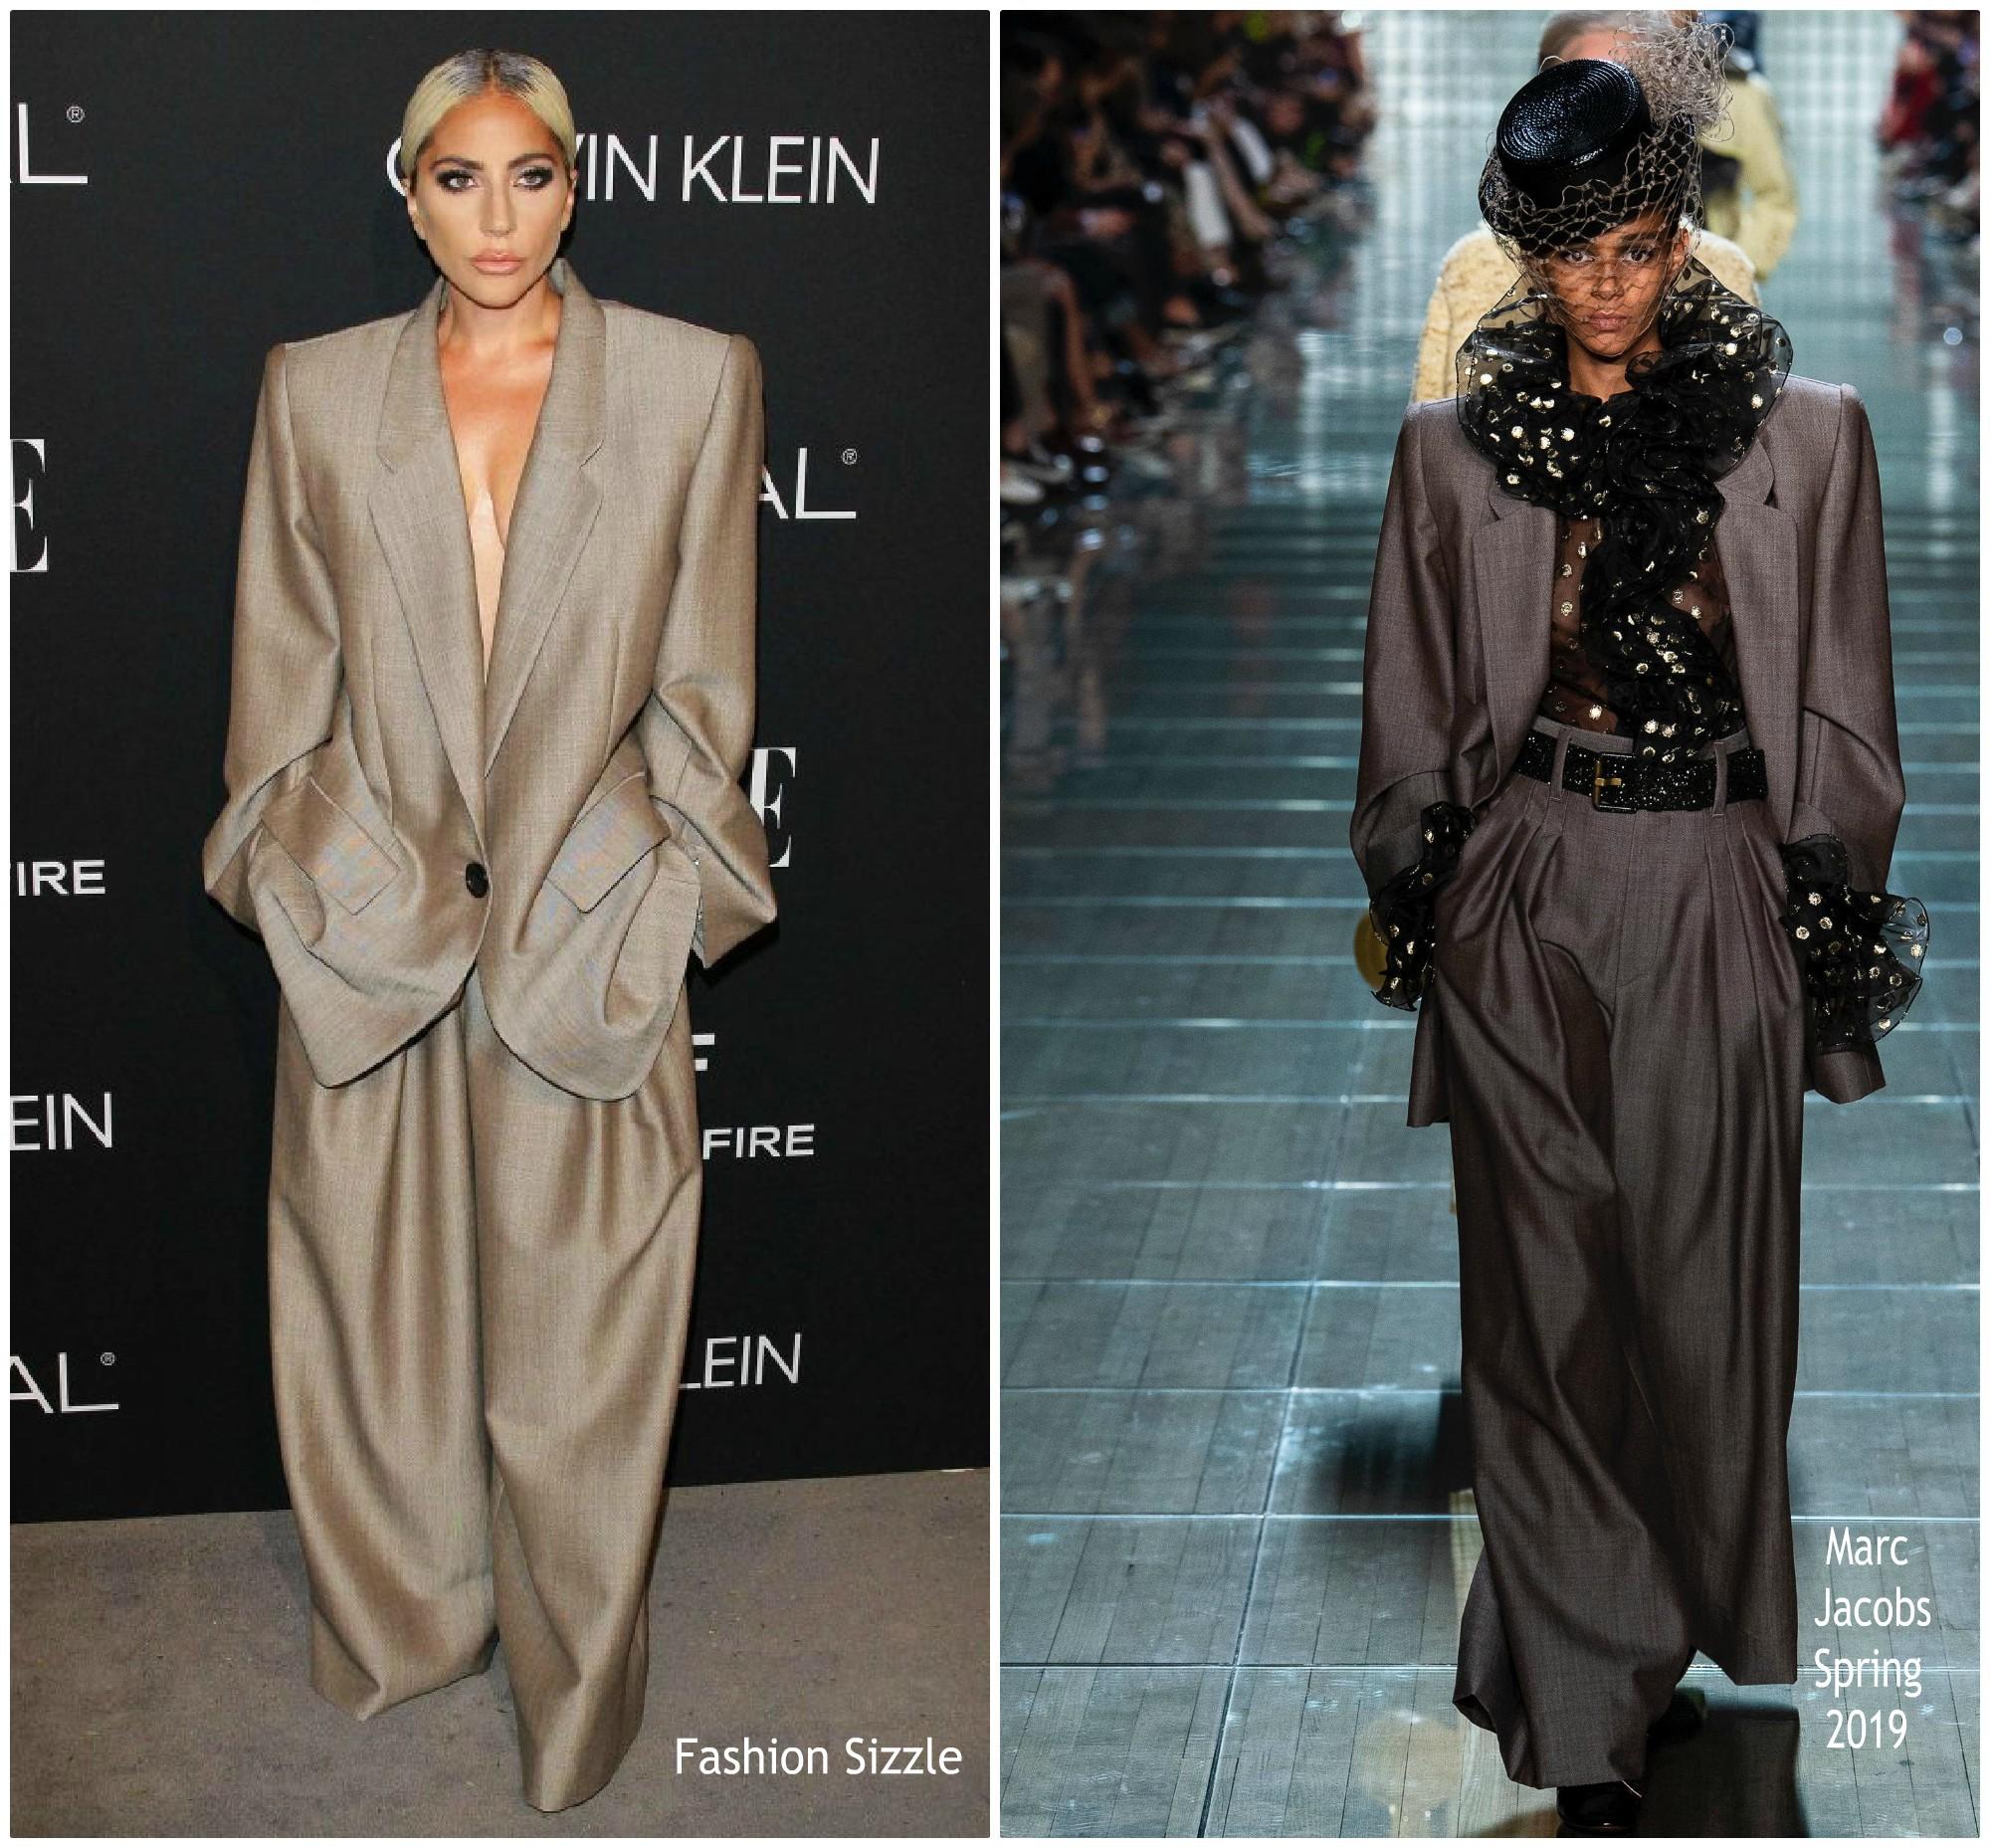 Dân tình chê bộ suit của Lady Gaga thùng thình như bao tải, cô chẳng đoái hoài và lặng lẽ giải thích ý nghĩa - Ảnh 3.